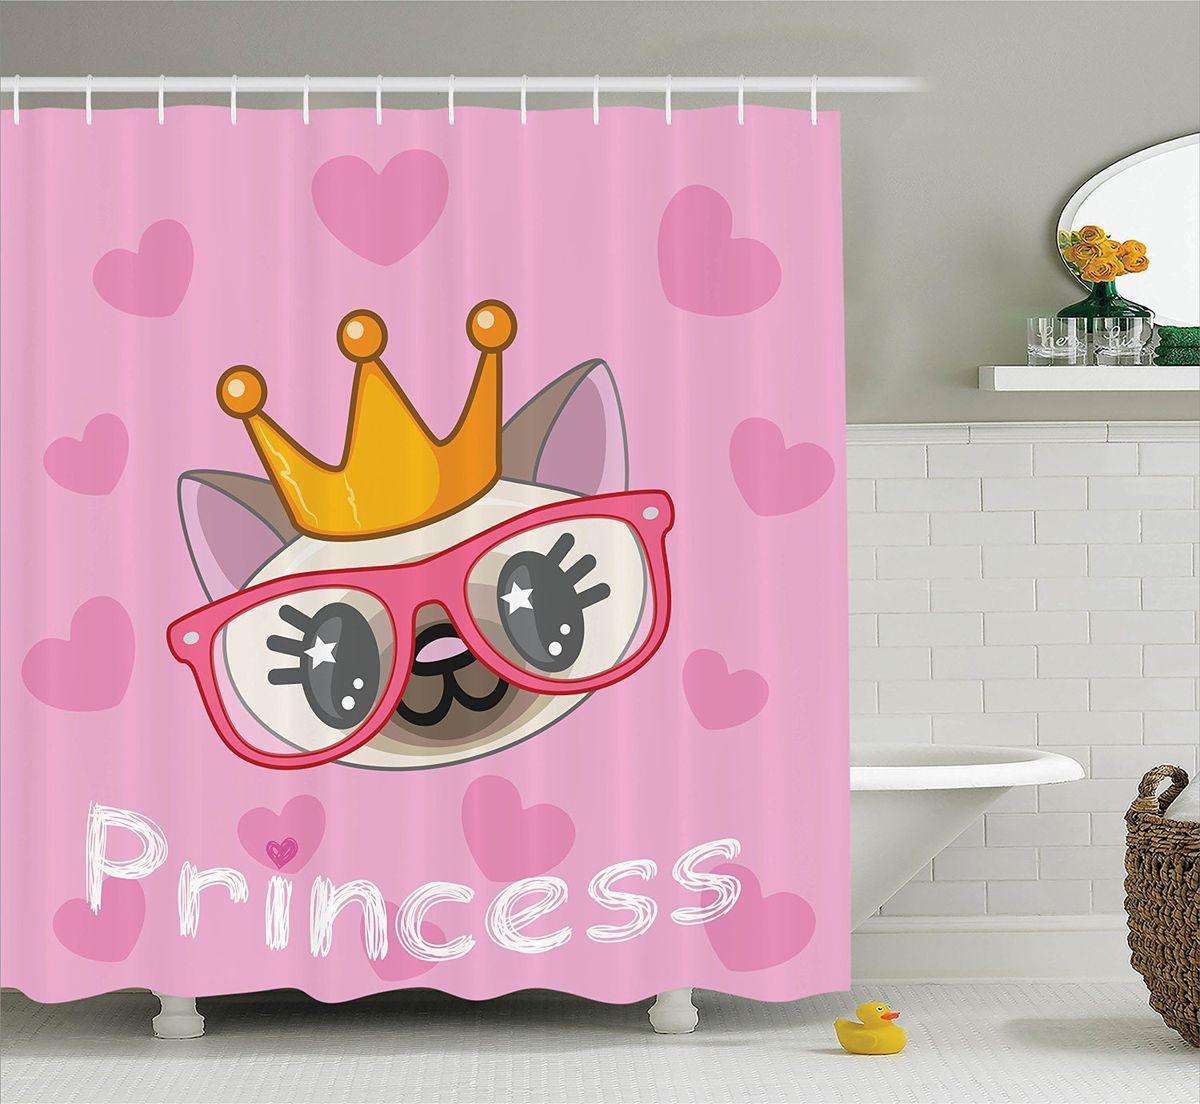 Штора для ванной комнаты Magic Lady Принцесса кошек, 180 х 200 см68/5/3Штора Magic Lady Принцесса кошек, изготовленная из высококачественного сатена (полиэстер 100%), отлично дополнит любой интерьер ванной комнаты. При изготовлении используются специальные гипоаллергенные чернила для прямой печати по ткани, безопасные для человека.В комплекте: 1 штора, 12 крючков. Обращаем ваше внимание, фактический цвет изделия может незначительно отличаться от представленного на фото.